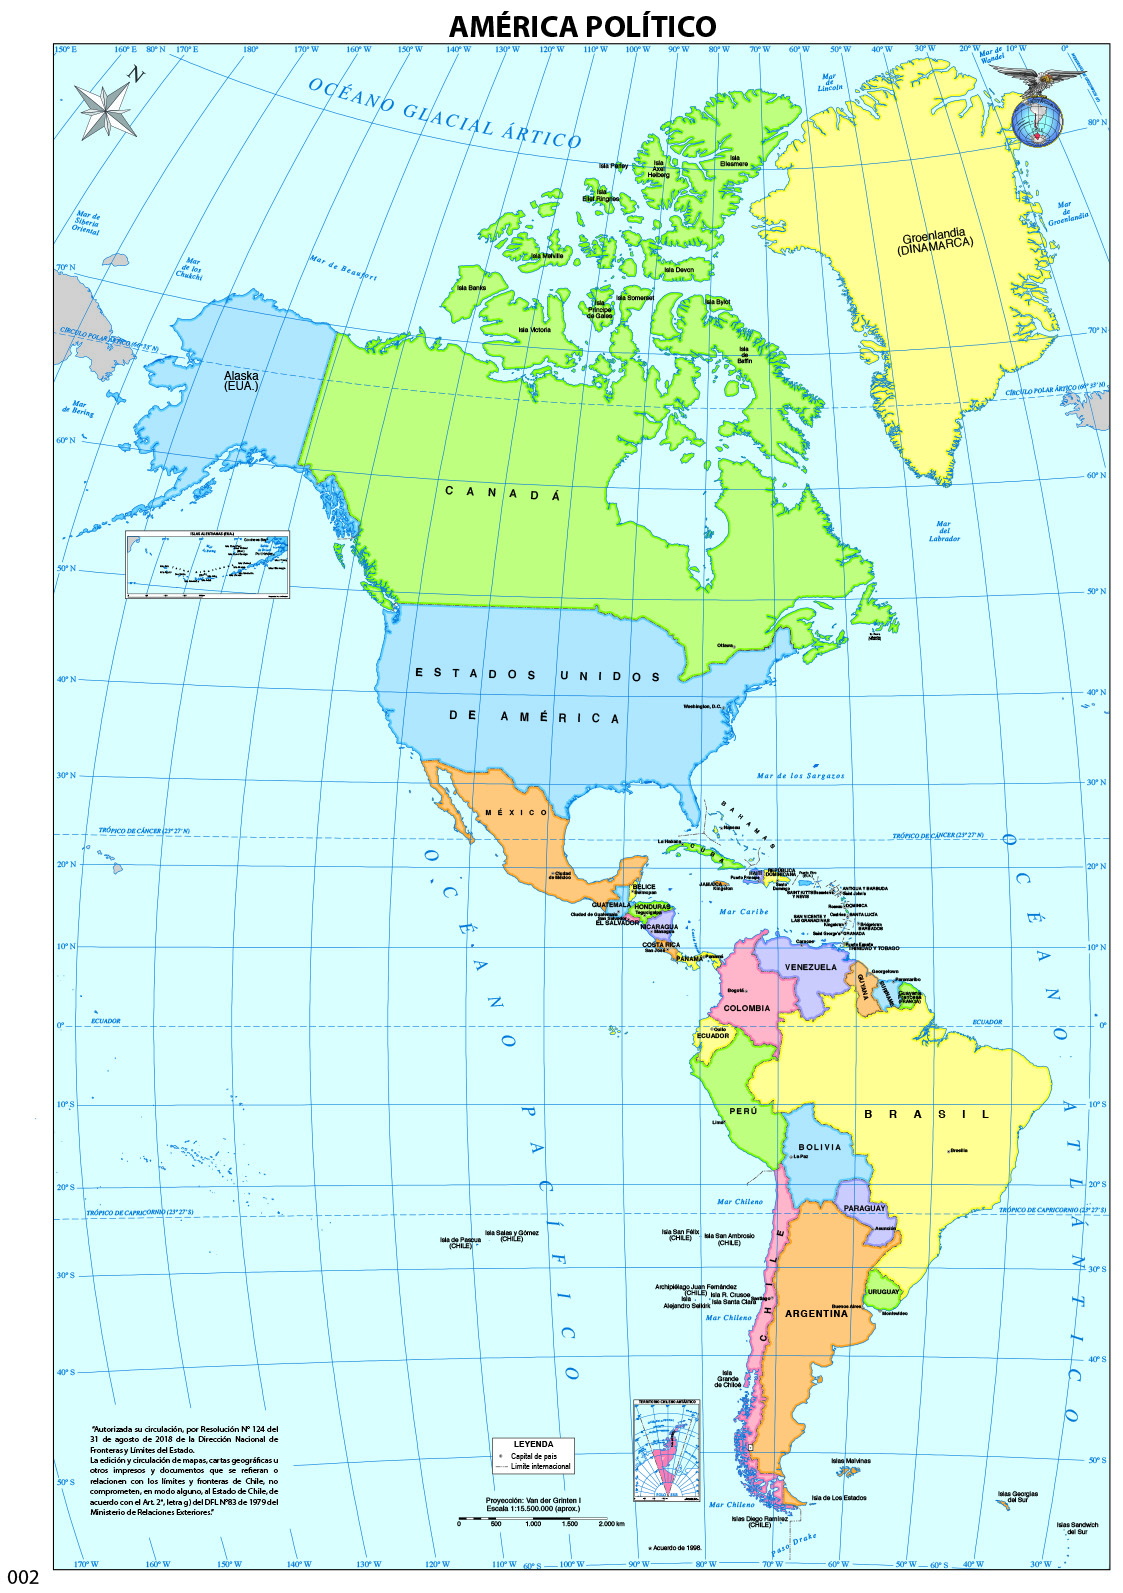 mapa pol u00edtico de am u00e9rica